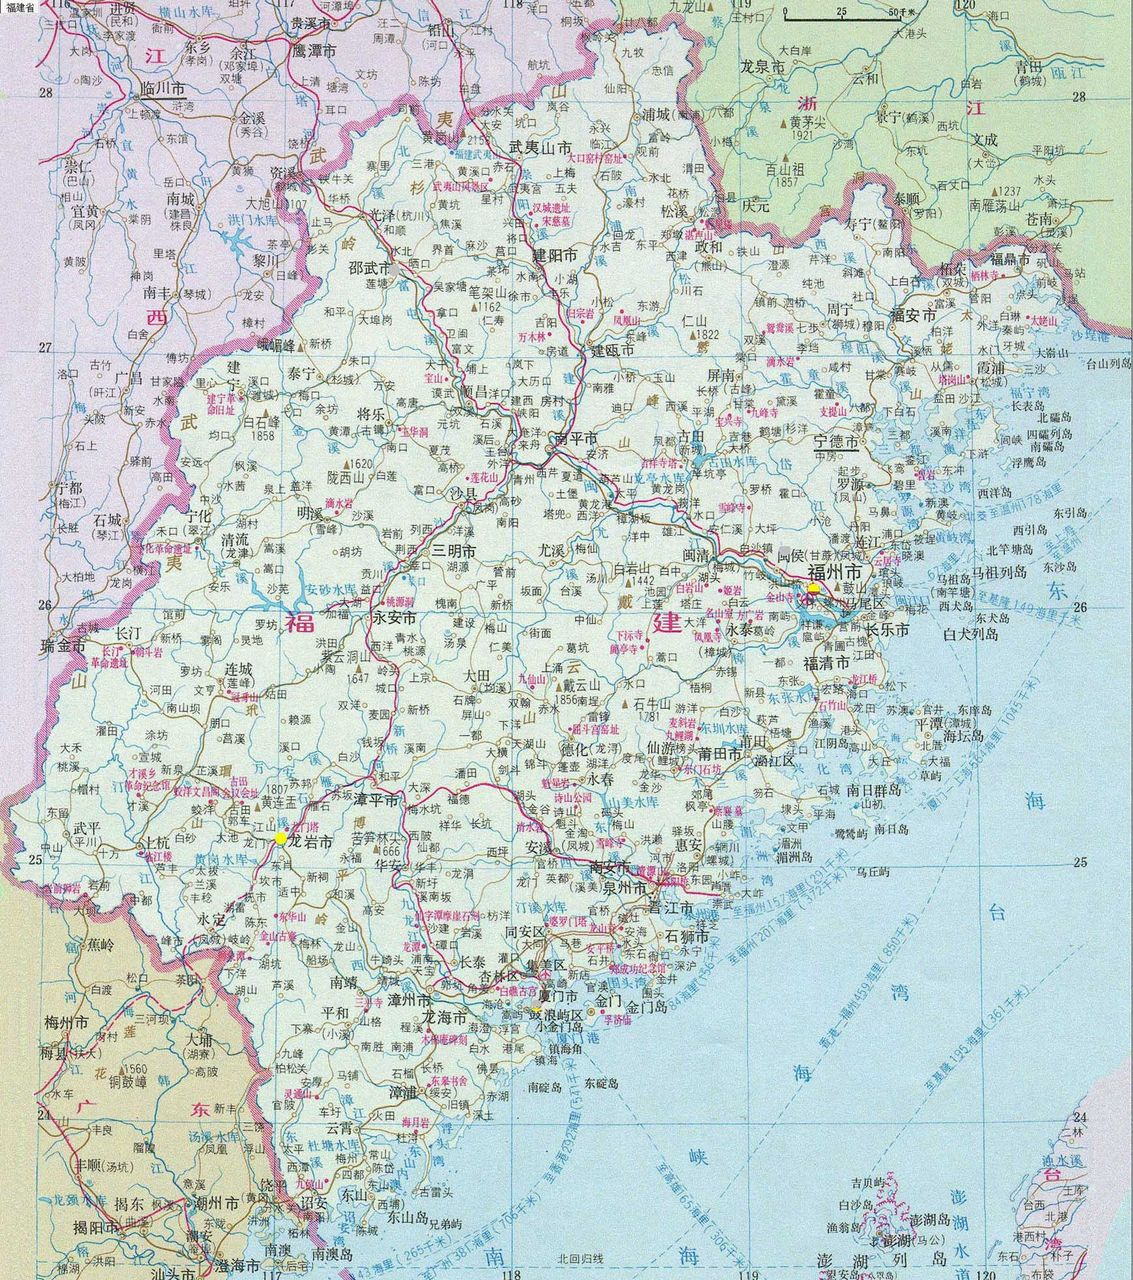 福建省地图和经维度